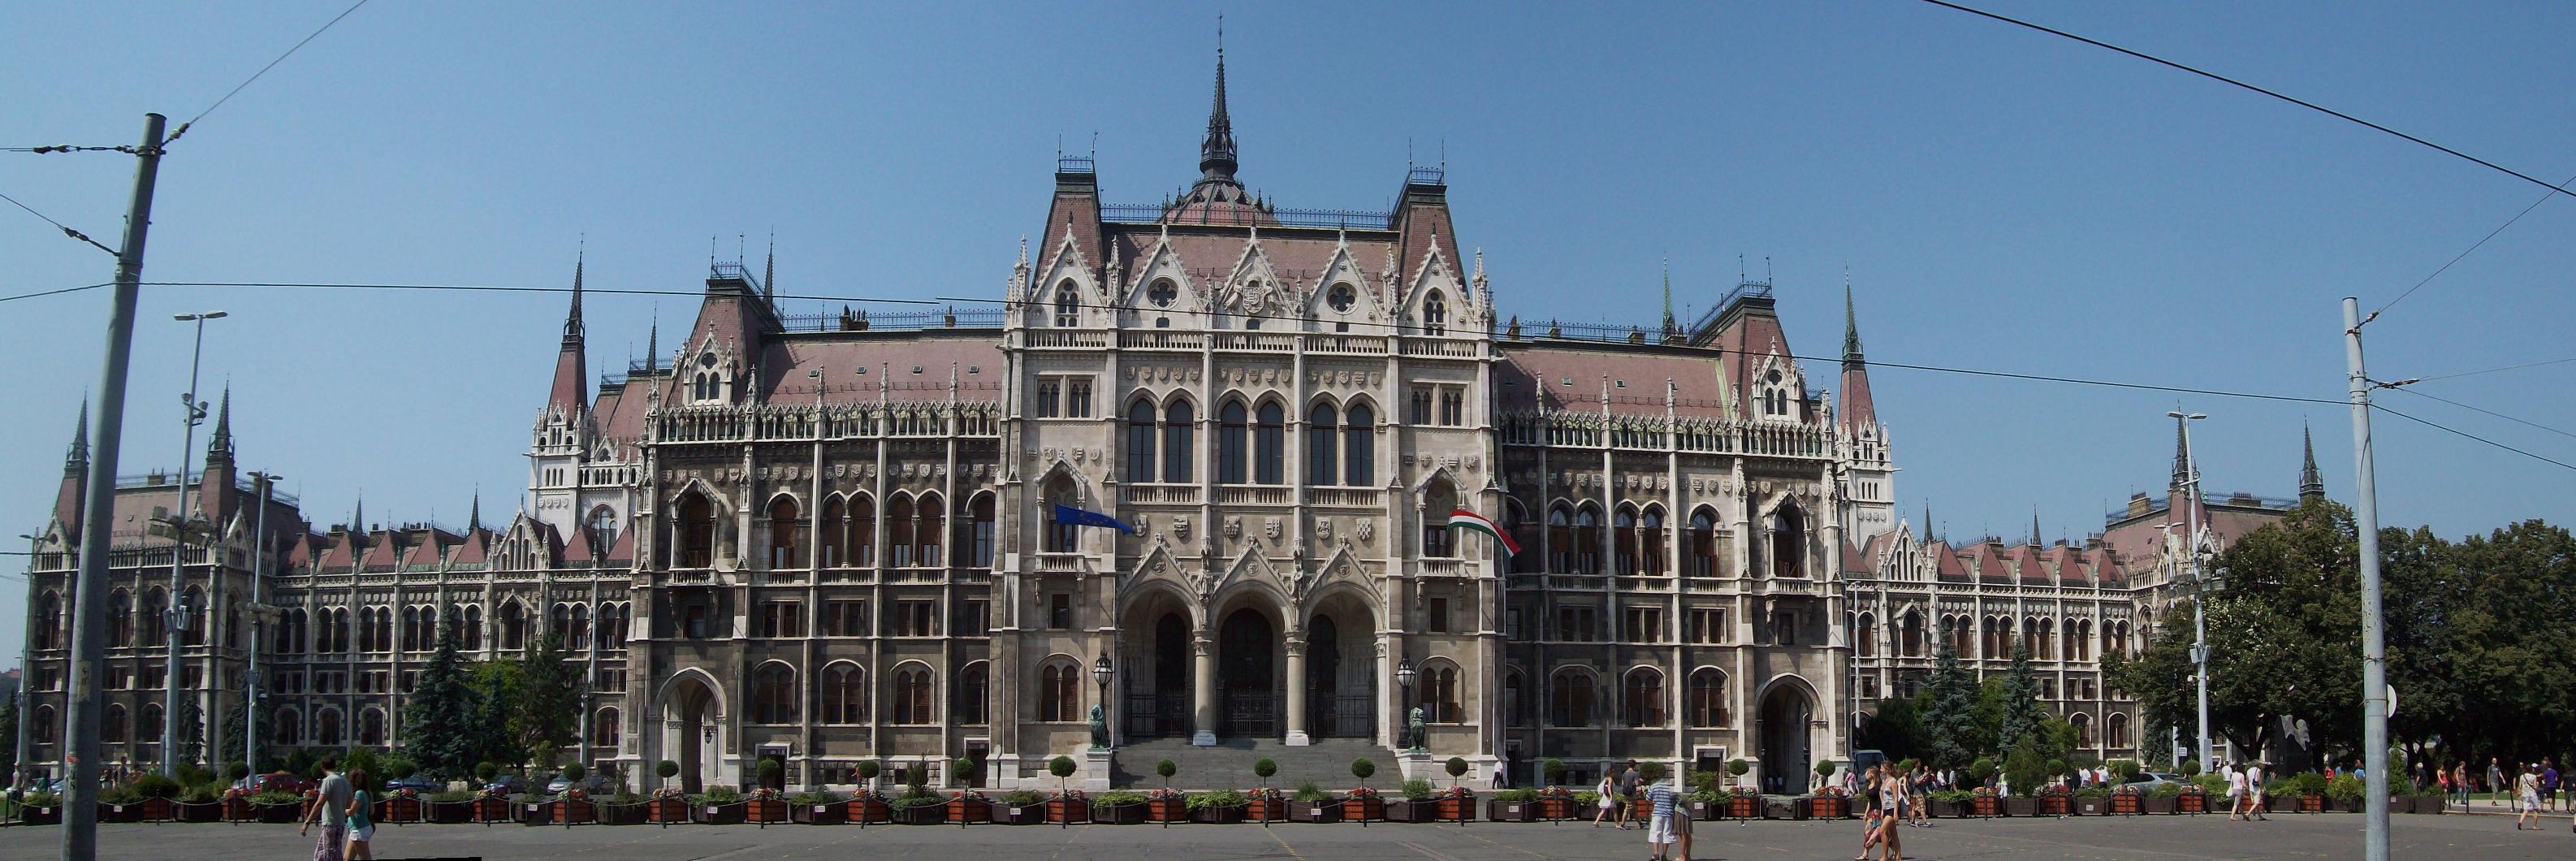 Parlamento wikipedia download pdf for Parlamento wikipedia